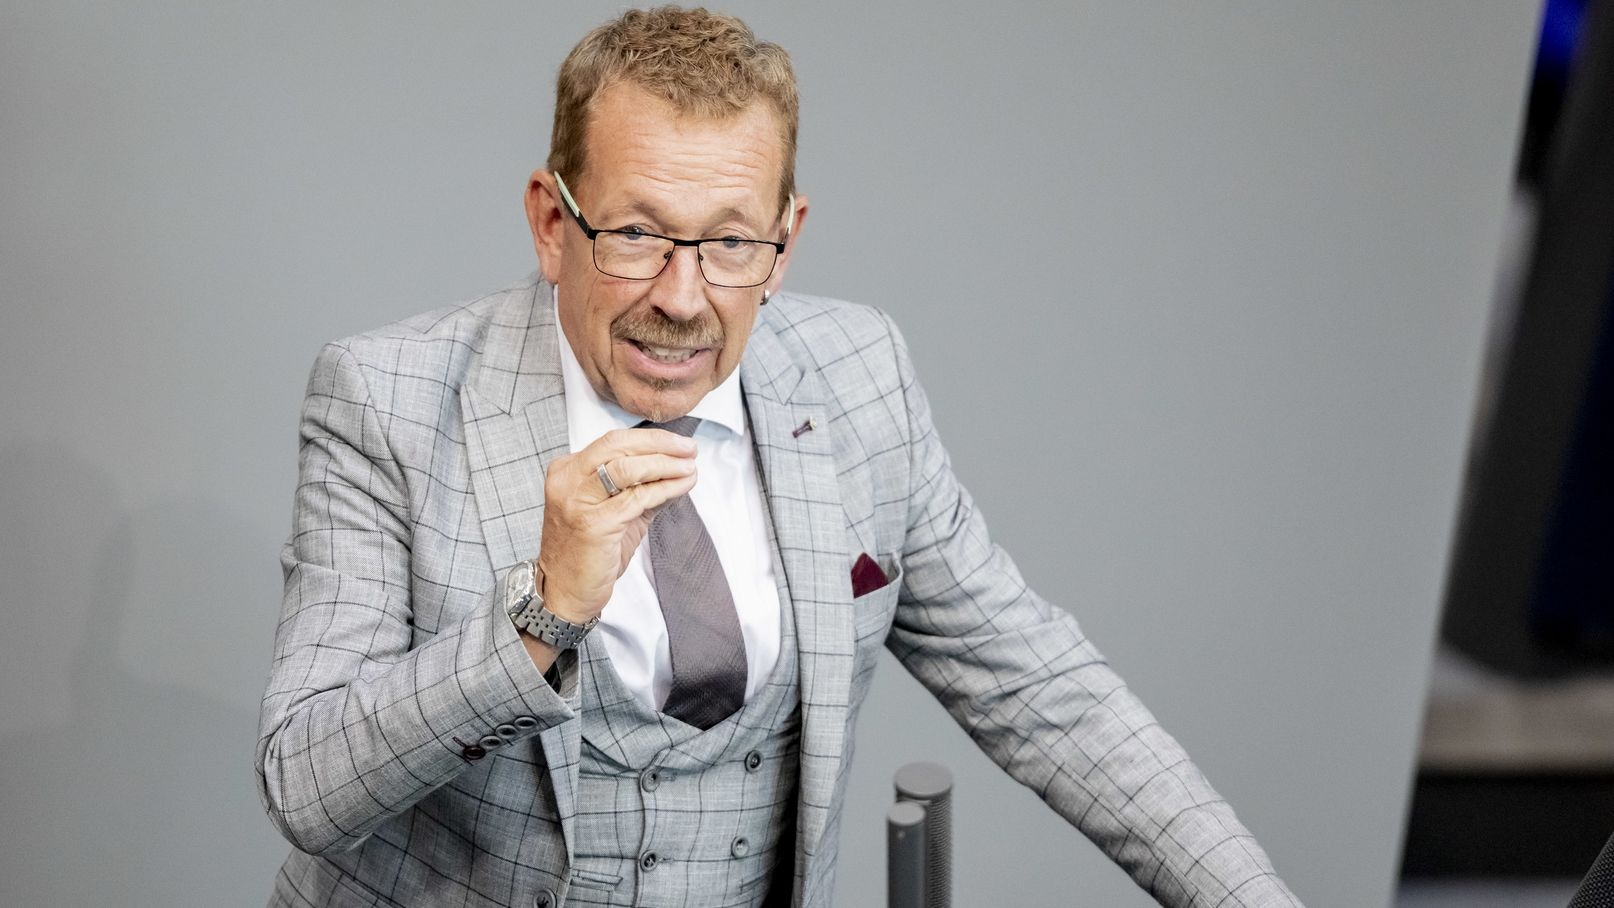 Karl-Heinz Brunner ist seit 2013 Mitglied des Deutschen Bundestages.